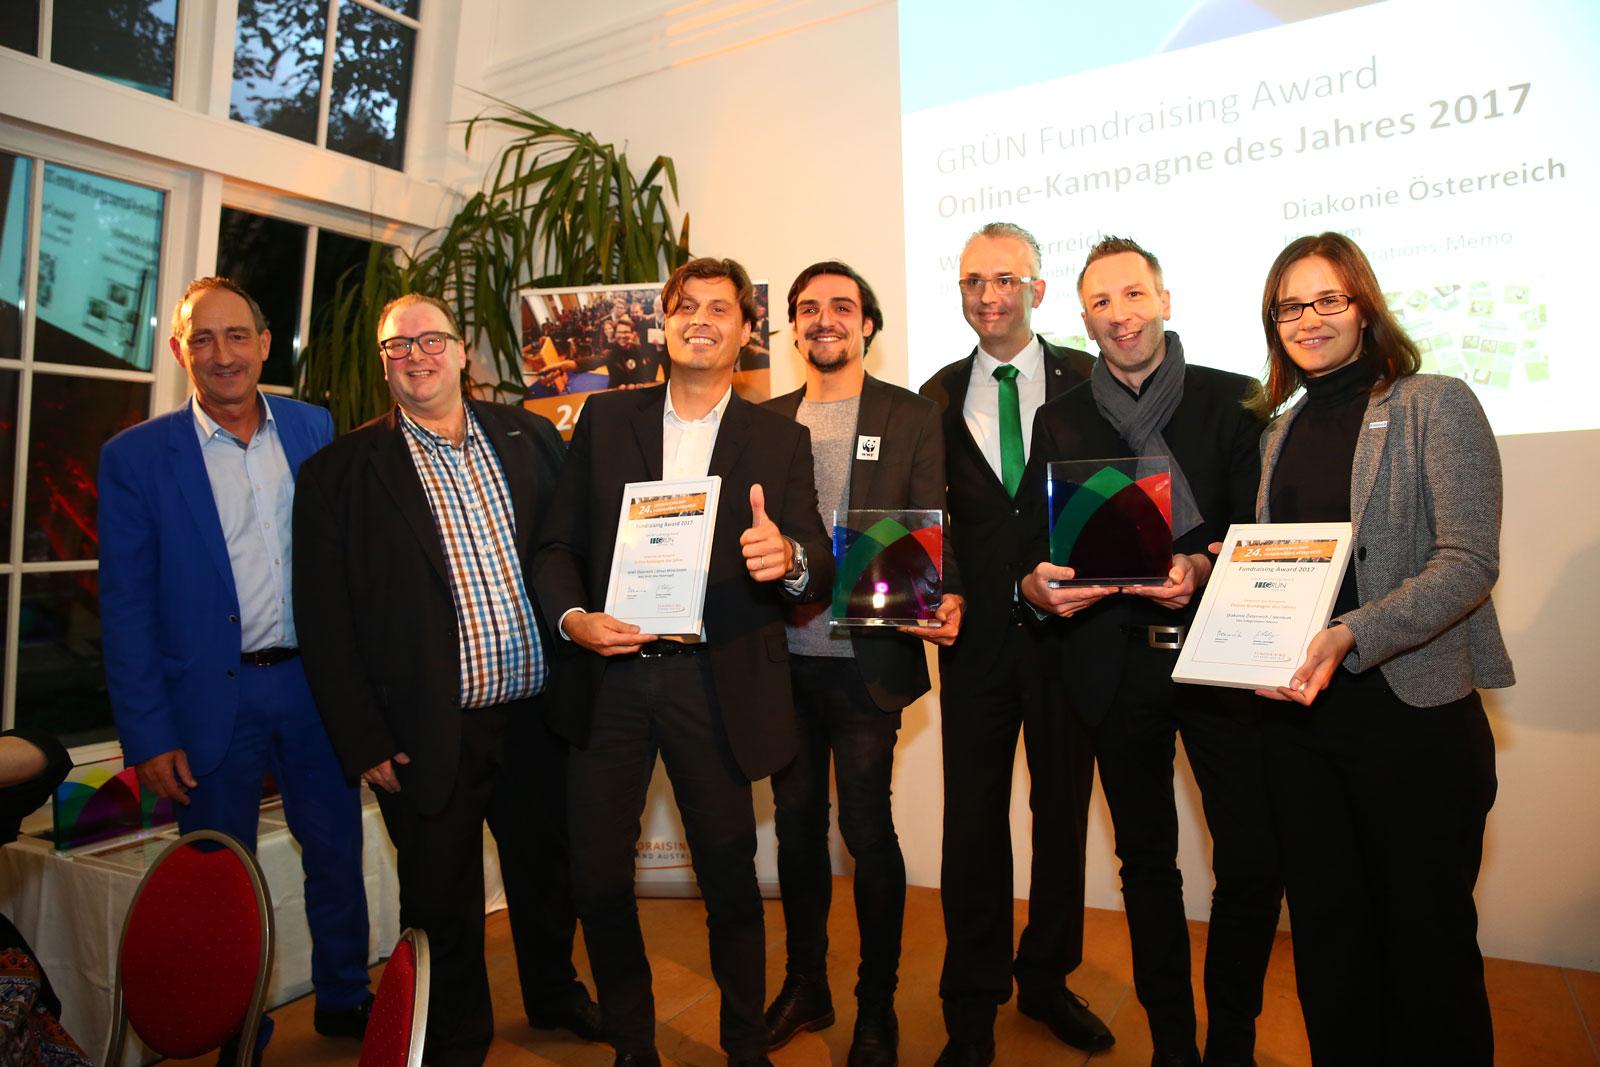 Ralph Backes (2.v.l.) und Joachim Sina (3.v.r.) übergaben die GRÜN Fundraising Awards an die glücklichen Gewinner.